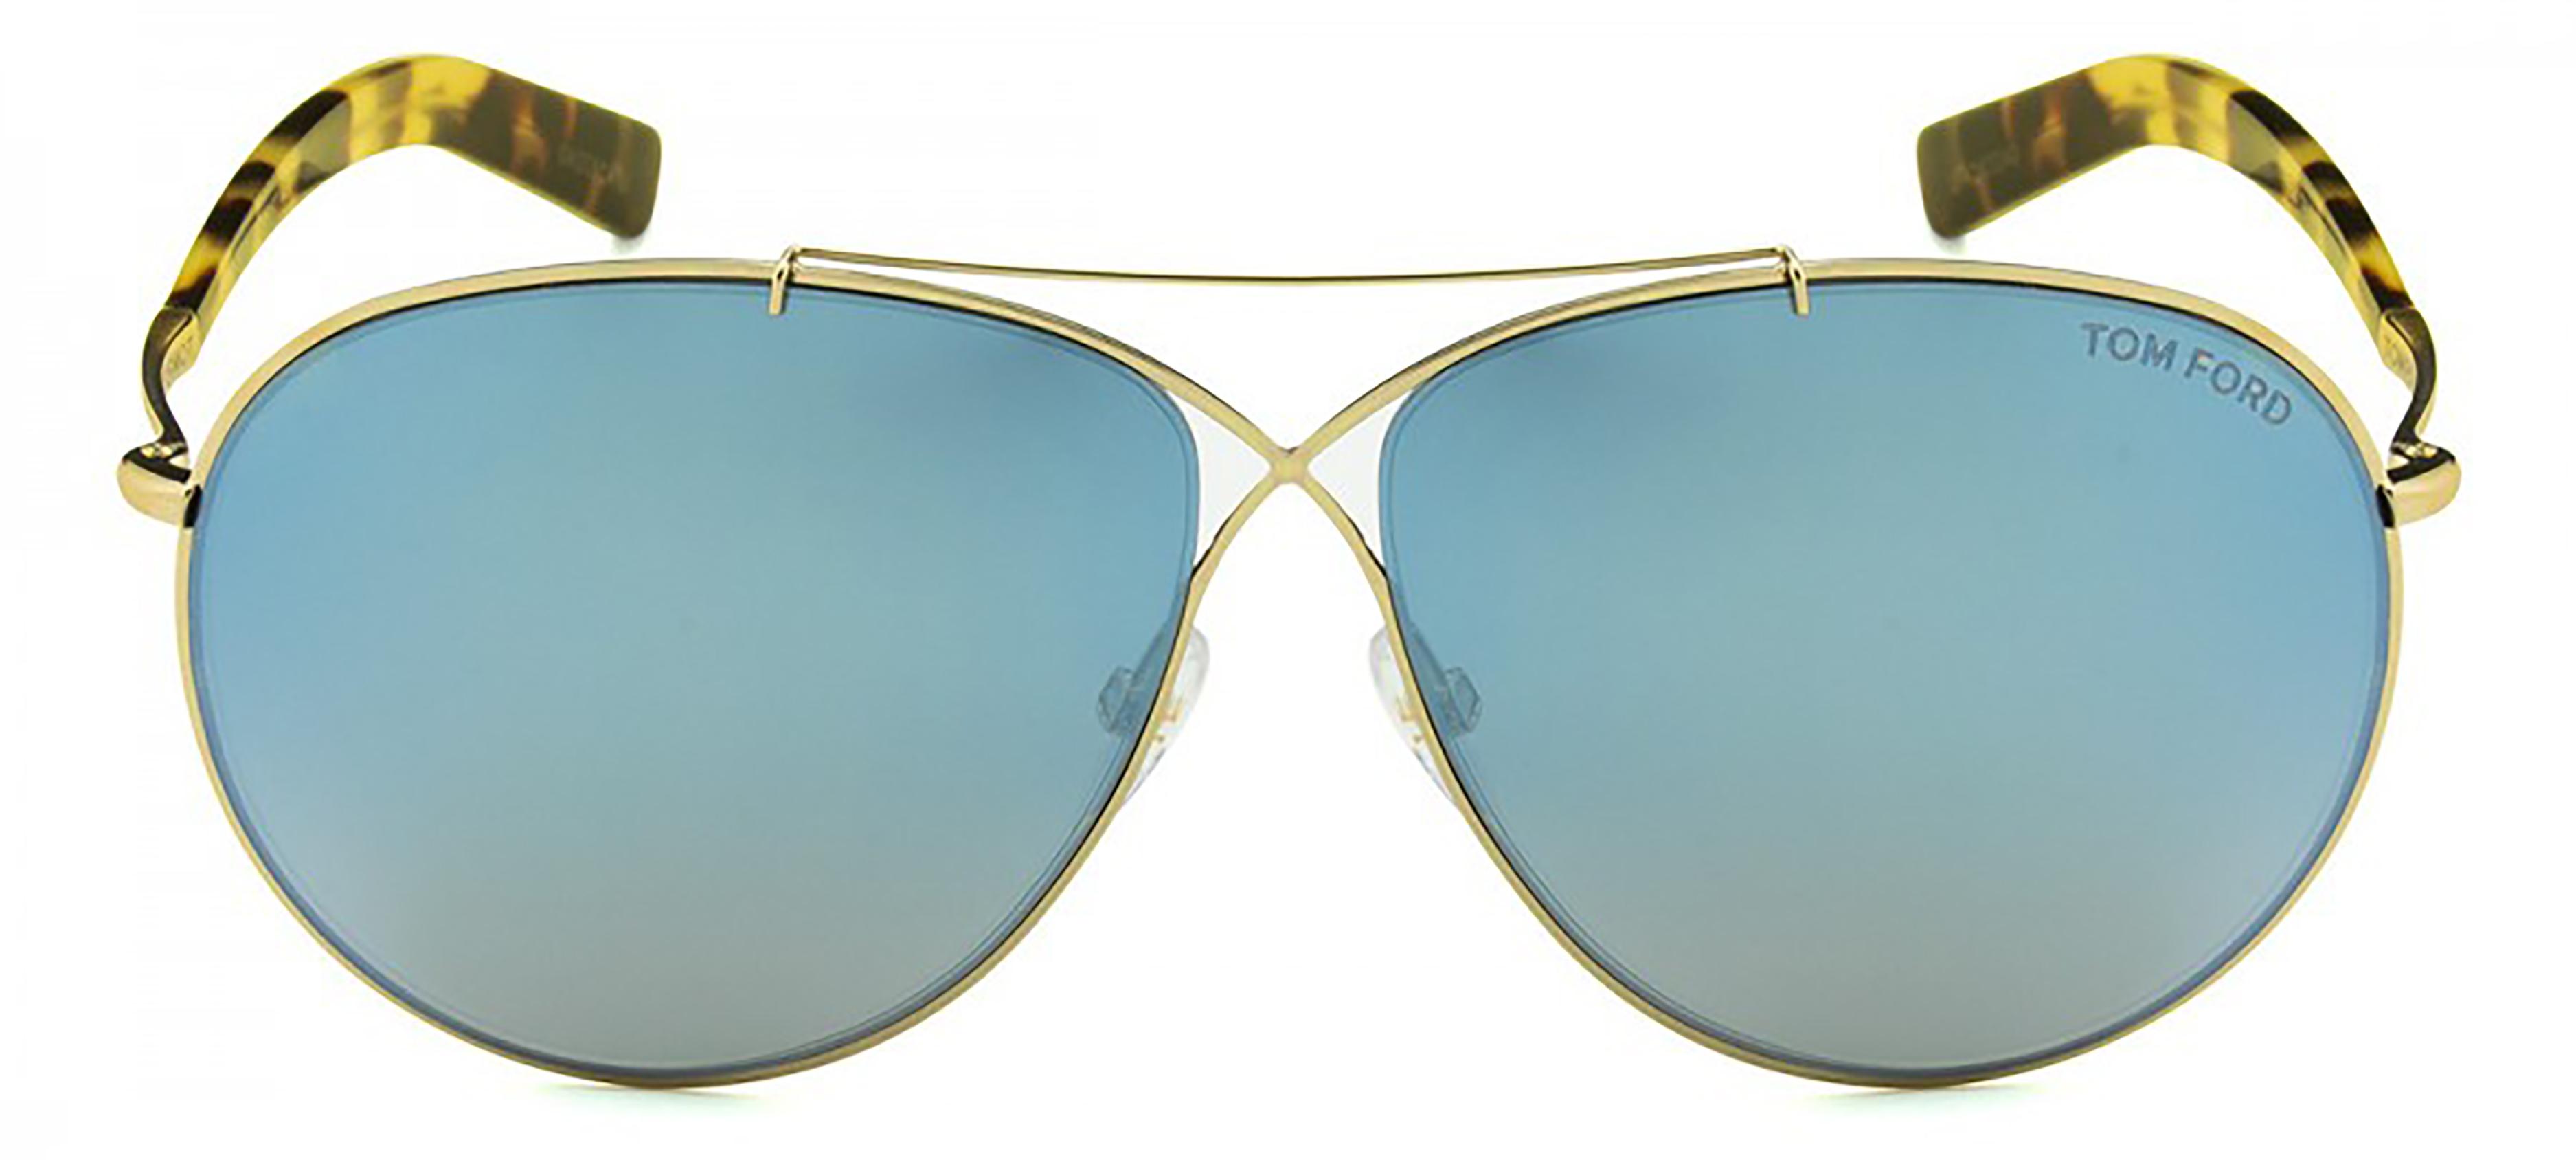 d3695f17efff3 Os óculos de sol vistos no SPFW N41   People   O POVO Online